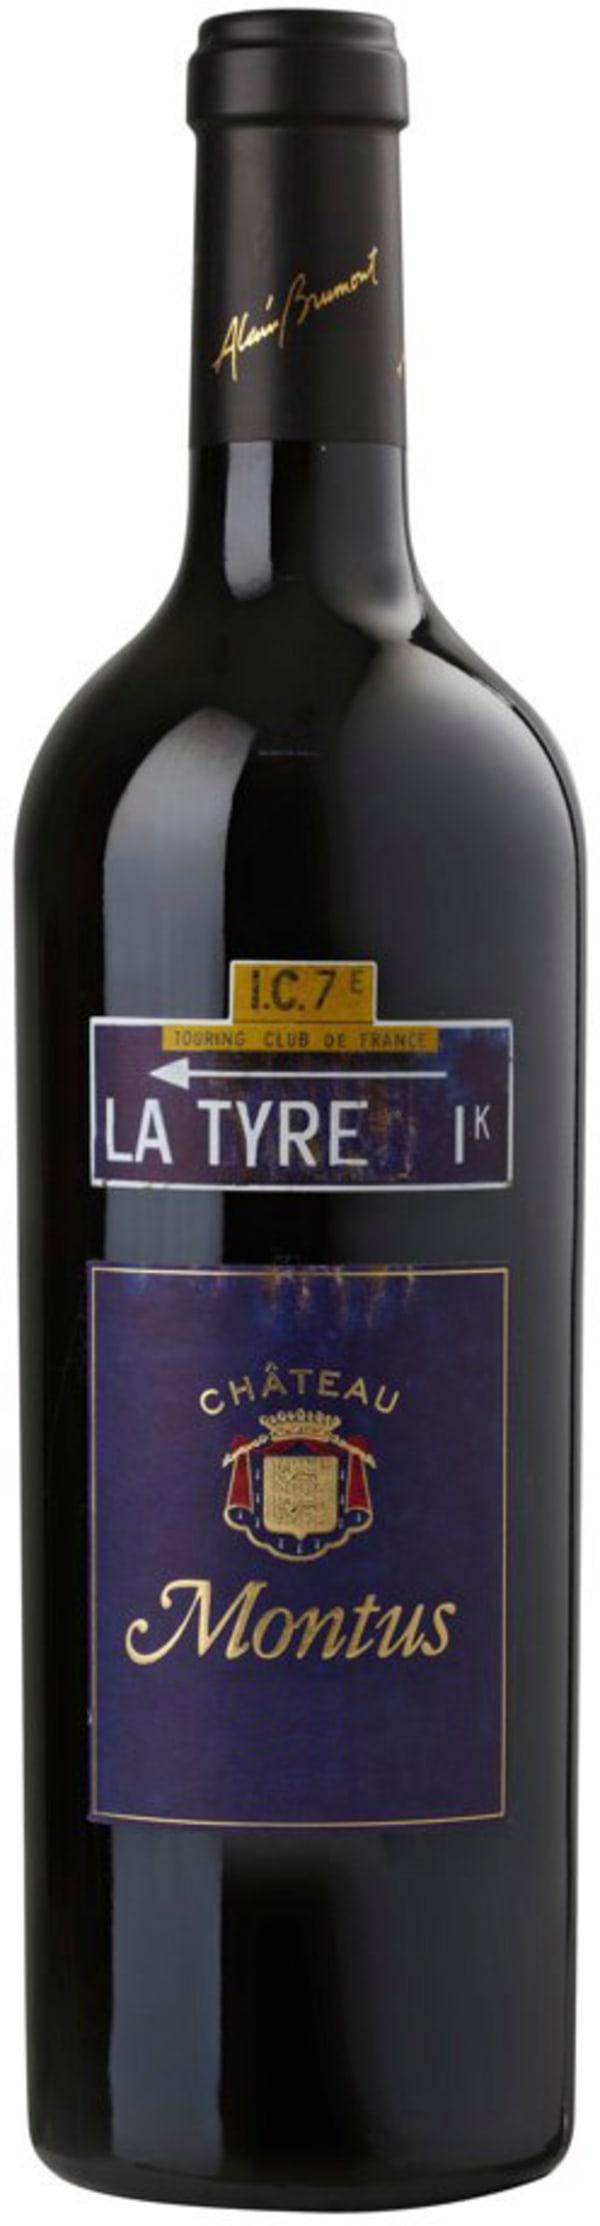 Château Montus La Tyre 2010